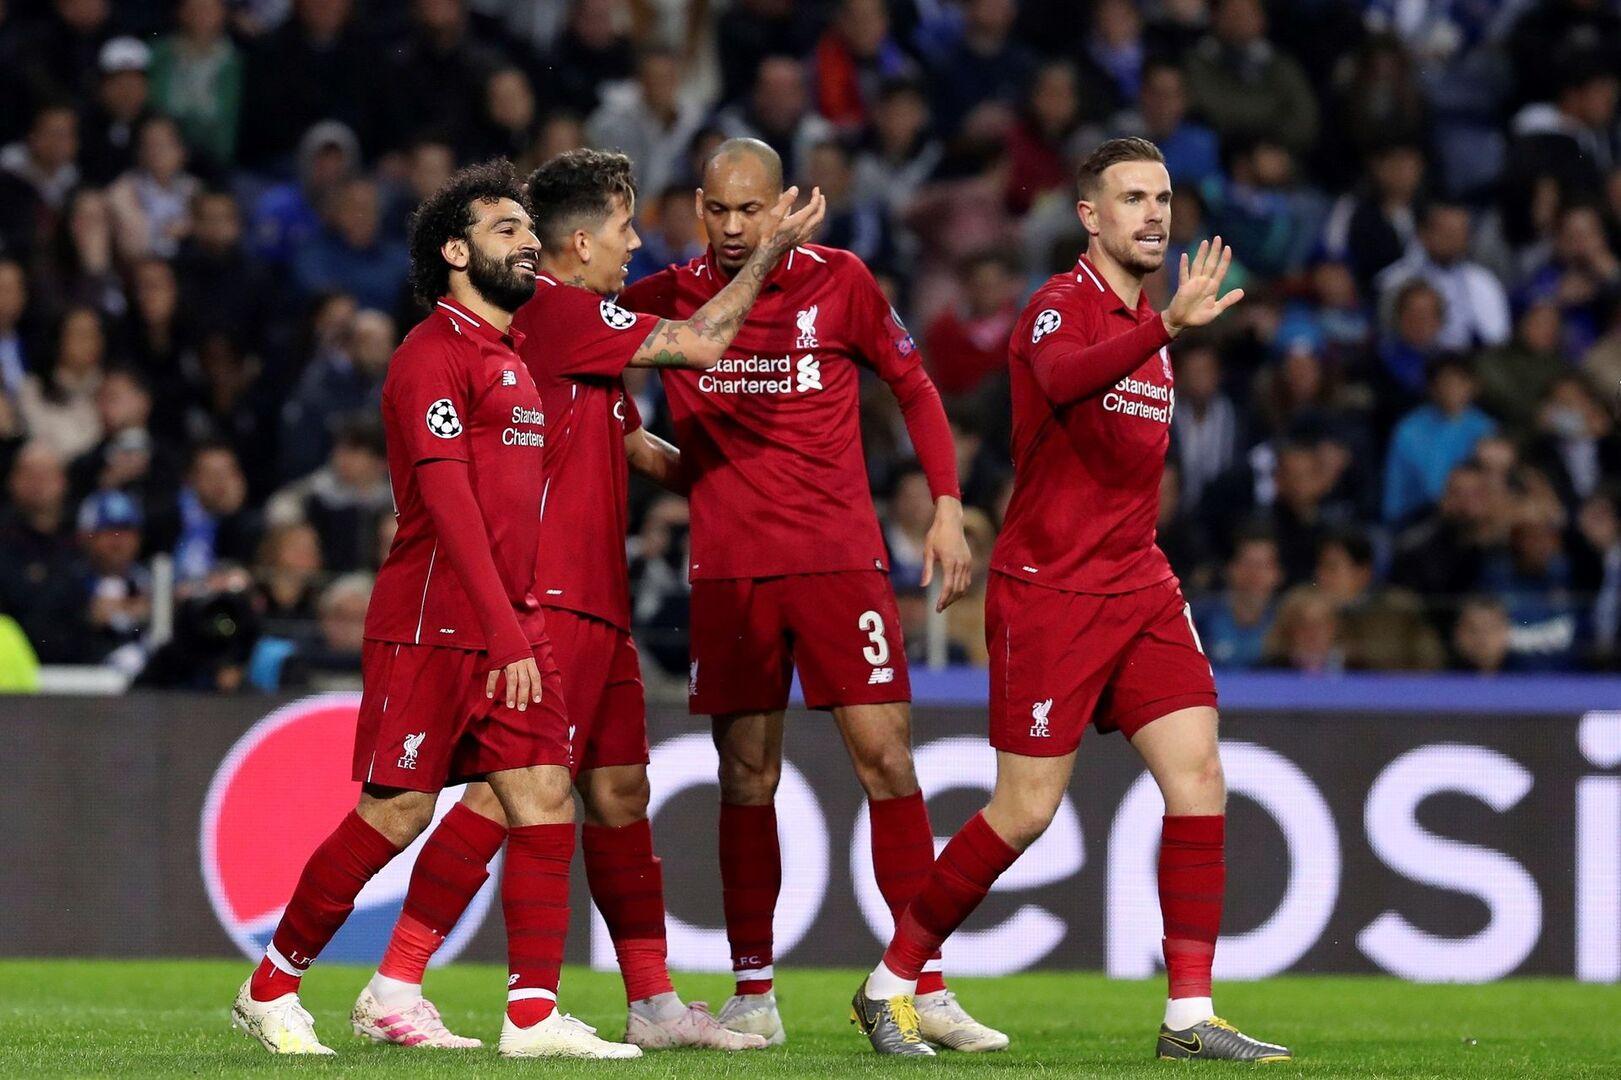 El Liverpool venderá las entradas para aficionados del Barça a precio de oro